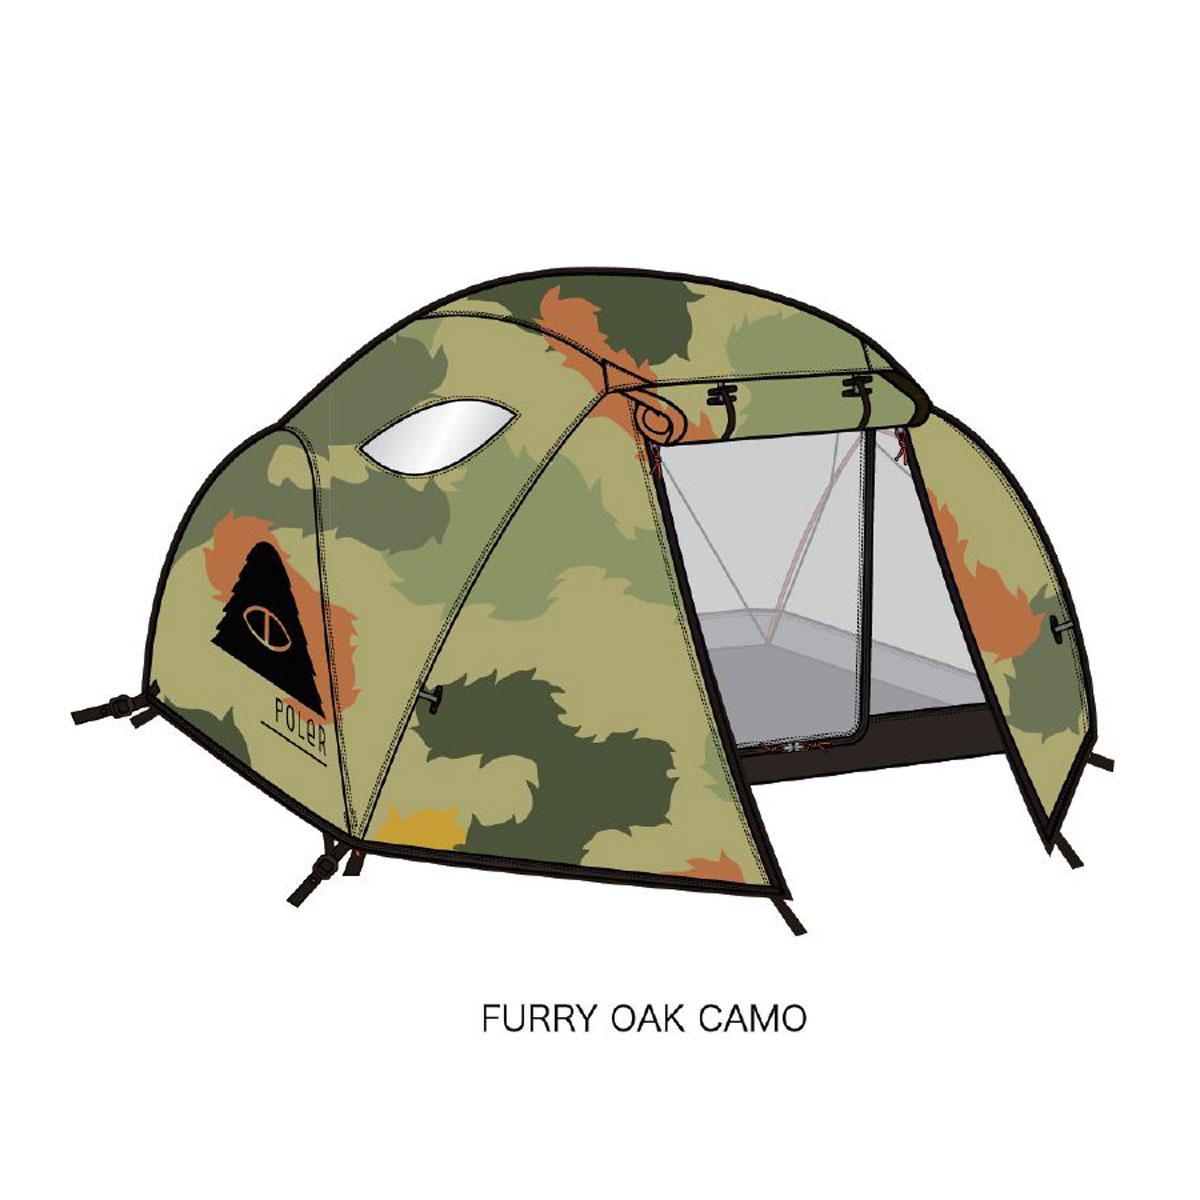 ポーラー テント 正規販売店 POLER テント 2MAN TENT FURRY OAK CAMO A79B B3C CAD D2E E08F